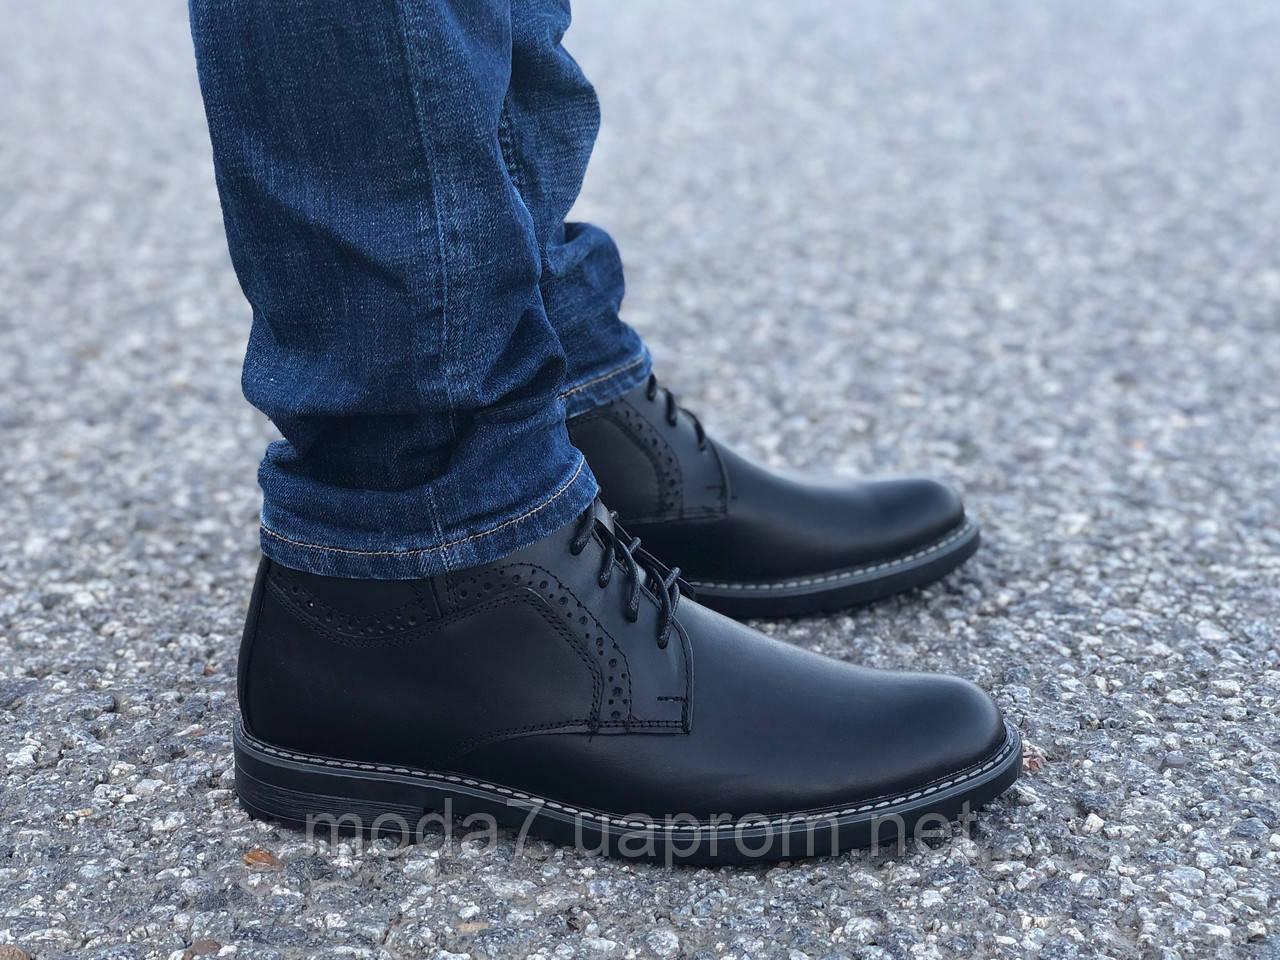 Ботинки зимние мужские черные Botus нат. кожа